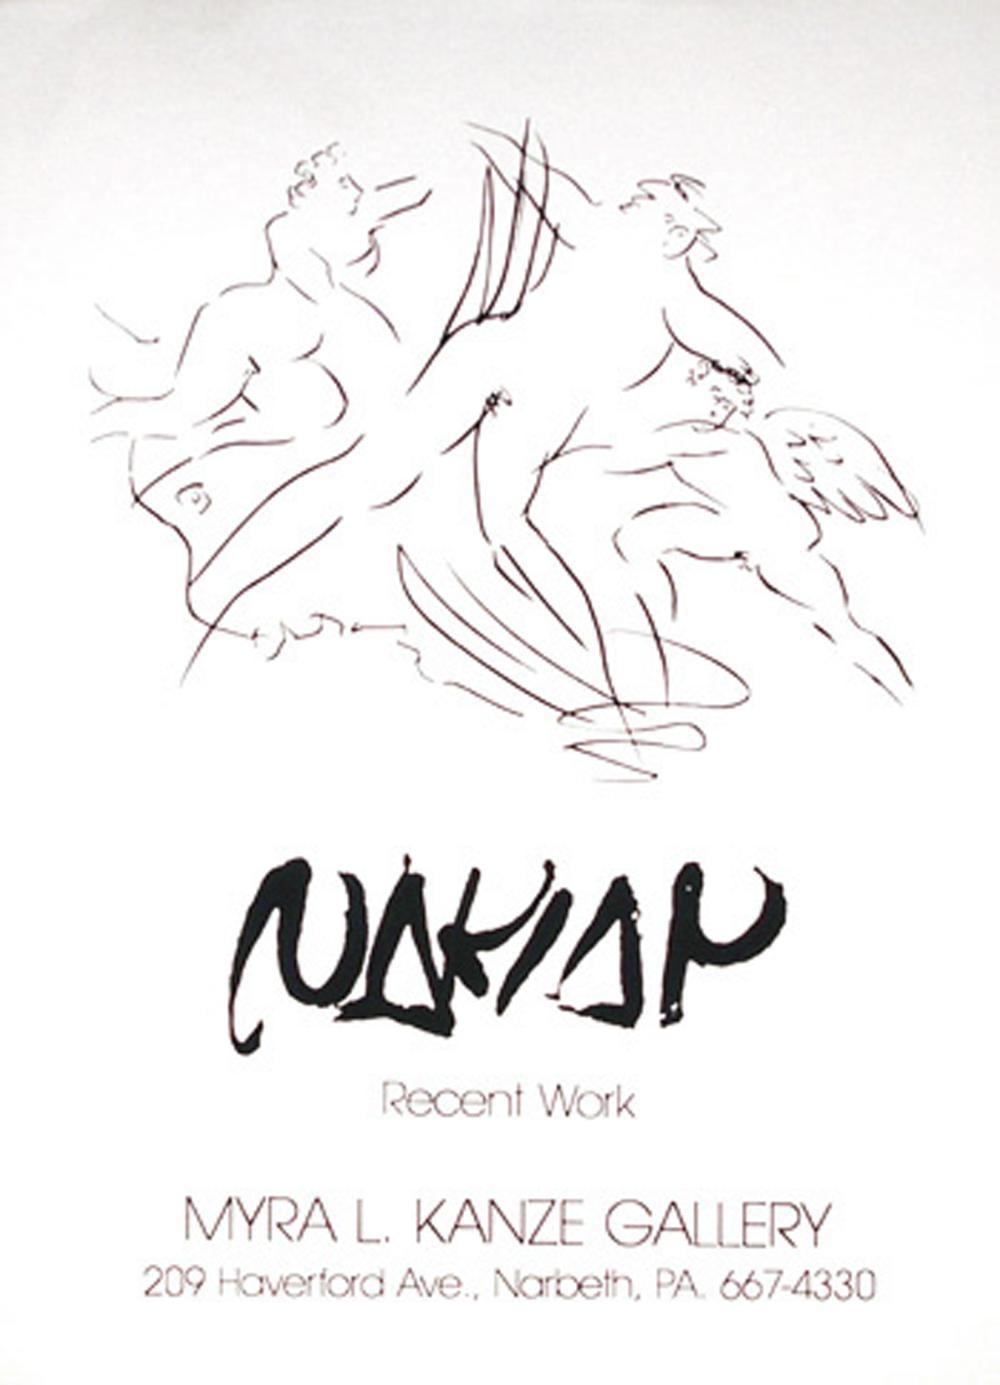 Reuben Nakian, Recent Work, Serigraph Poster